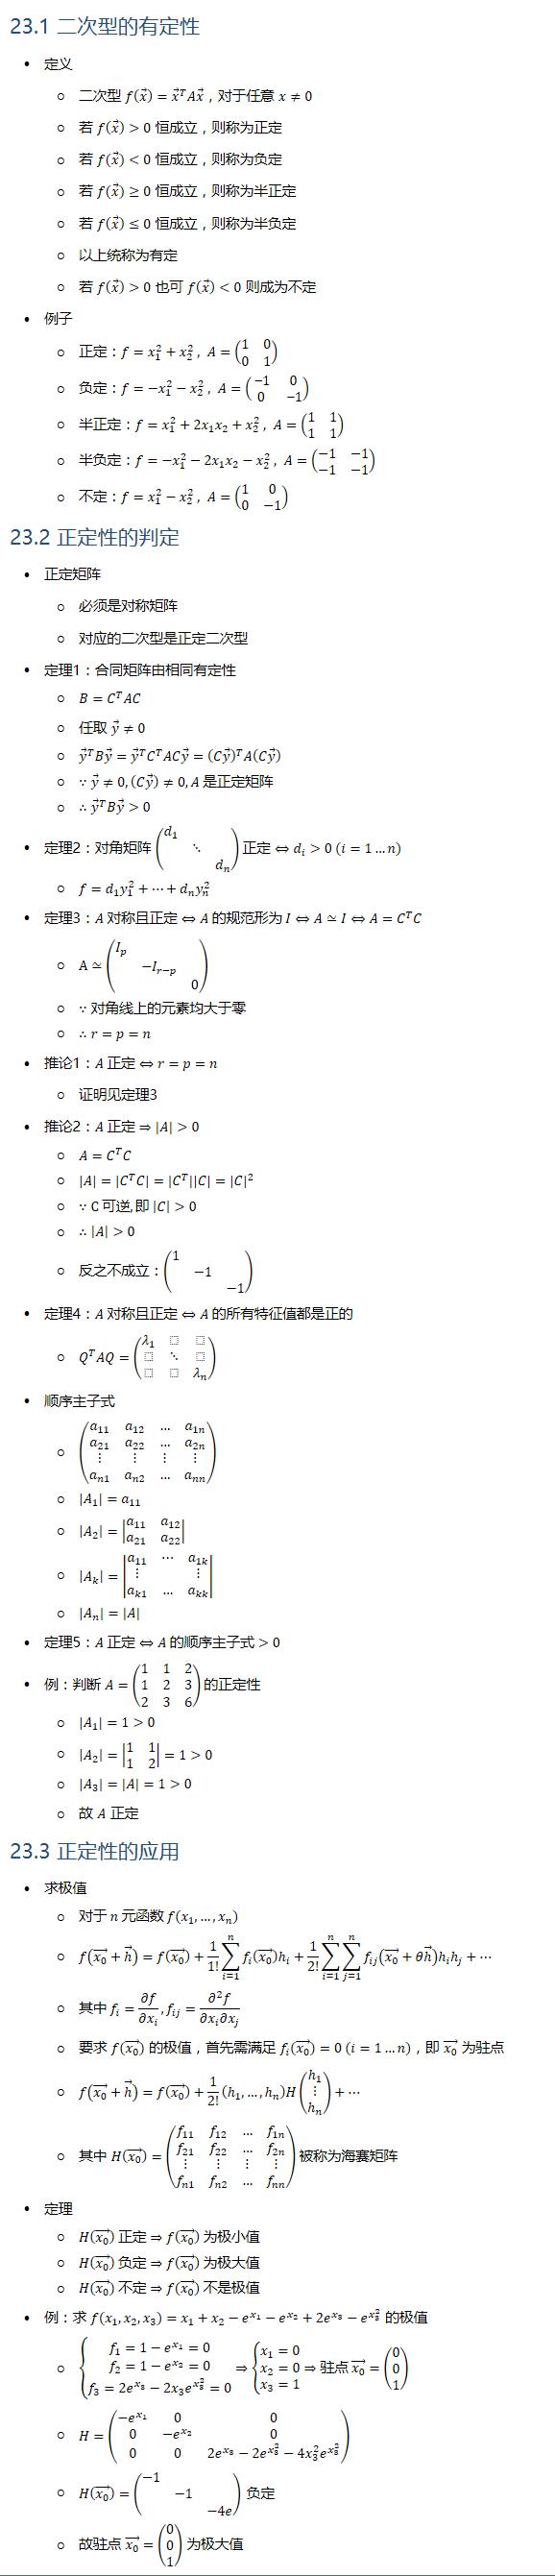 23.1 二次型的有定性 • 定义 ○ 二次型 f(x ⃗ )=x ⃗^T Ax ⃗,对于任意 x≠0 ○ 若 f(x ⃗ )0 恒成立,则称为正定 ○ 若 f(x ⃗ )<0 恒成立,则称为负定 ○ 若 f(x ⃗ )≥0 恒成立,则称为半正定 ○ 若 f(x ⃗ )≤0 恒成立,则称为半负定 ○ 以上统称为有定 ○ 若 f(x ⃗ )0 也可 f(x ⃗ )<0 则成为不定 • 例子 ○ 正定:f=x_1^2+x_2^2 , A=(■8(1&0@0&1)) ○ 负定:f=−x_1^2−x_2^2 , A=(■8(−1&0@0&−1)) ○ 半正定:f=x_1^2+2x_1 x_2+x_2^2 , A=(■8(1&1@1&1)) ○ 半负定:f=−x_1^2−2x_1 x_2−x_2^2 , A=(■8(−1&−1@−1&−1)) ○ 不定:f=x_1^2−x_2^2 , A=(■8(1&0@0&−1)) 23.2 正定性的判定 • 正定矩阵 ○ 必须是对称矩阵 ○ 对应的二次型是正定二次型 • 定理1:合同矩阵由相同有定性 ○ B=C^T AC ○ 任取 y ⃗≠0 ○ y ⃗^T By ⃗=y ⃗^T C^T ACy ⃗=(Cy ⃗ )^T A(Cy ⃗ ) ○ ∵y ⃗≠0,(Cy ⃗ )≠0, A 是正定矩阵 ○ ∴y ⃗^T By ⃗0 • 定理2:对角矩阵 (■(d_1&&@&⋱&@&&d_n )) 正定 ⇔d_i0 (i=1…n) ○ f=d_1 y_1^2+…+d_n y_n^2 • 定理3:A 对称且正定⇔A 的规范形为 I⇔A≃I⇔A=C^T C ○ A≃(■(I_p&&@&−I_(r−p)&@&&0)) ○ ∵对角线上的元素均大于零 ○ ∴r=p=n • 推论1:A 正定⇔r=p=n ○ 证明见定理3 • 推论2:A 正定⇒|A|0 ○ A=C^T C ○ |A|=|C^T C|=|C^T ||C|=|C|^2 ○ ∵C 可逆, 即 |C|0 ○ ∴|A|0 ○ 反之不成立:(■(1&&@&−1&@&&−1)) • 定理4:A 对称且正定⇔A 的所有特征值都是正的 ○ Q^T AQ=(■8(λ_1&&@&⋱&@&&λ_n )) • 顺序主子式 ○ (■8(a_11&a_12&…&a_1n@a_21&a_22&…&a_2n@⋮&⋮&⋮&⋮@a_n1&a_n2&…&a_nn )) ○ |A_1 |=a_11 ○ |A_2 |=|■8(a_11&a_12@a_21&a_22 )| ○ |A_k |=|■(a_11&⋯&a_1k@⋮&&⋮@a_k1&…&a_kk )| ○ |A_n |=|A| • 定理5:A 正定⇔A 的顺序主子式0 • 例:判断 A=(■8(1&1&2@1&2&3@2&3&6)) 的正定性 ○ |A_1 |=10 ○ |A_2 |=|■8(1&1@1&2)|=10 ○ |A_3 |=|A|=10 ○ 故 A 正定 23.3 正定性的应用 • 求极值 ○ 对于 n 元函数 f(x_1,…,x_n ) ○ f((x_0 ) ⃗+h⃗ )=f((x_0 ) ⃗ )+1/1! ∑_(i=1)^n▒〖f_i ((x_0 ) ⃗ ) hi 〗+1/2! ∑_(i=1)^n▒∑_(j=1)^n▒〖f_ij ((x_0 ) ⃗+θh⃗ ) hi hj 〗+… ○ 其中 f_i=∂f/(∂x_i ), f_ij=(∂^2 f)/(∂x_i ∂x_j ) ○ 要求 f((x_0 ) ⃗) 的极值,首先需满足 f_i ((x_0 ) ⃗ )=0 (i=1…n),即 (x_0 ) ⃗ 为驻点 ○ f((x_0 ) ⃗+h⃗ )=f((x_0 ) ⃗ )+1/2! (h1,…,hn )H(■8(h1@⋮@hn ))+… ○ 其中 H((x_0 ) ⃗ )=(■8(f_11&f_12&…&f_1n@f_21&f_22&…&f_2n@⋮&⋮&⋮&⋮@f_n1&f_n2&…&f_nn )) 被称为海赛矩阵 • 定理 ○ H((x_0 ) ⃗ ) 正定⇒f((x_0 ) ⃗ ) 为极小值 ○ H((x_0 ) ⃗ ) 负定⇒f((x_0 ) ⃗ ) 为极大值 ○ H((x_0 ) ⃗ ) 不定⇒f((x_0 ) ⃗ ) 不是极值 • 例:求 f(x_1,x_2,x_3 )=x_1+x_2−e^(x_1 )−e^(x_2 )+2e^(x_3 )−e^(x_3^2 ) 的极值 ○ {█(f_1=1−e^(x_1 )=0@f_2=1−e^(x_2 )=0@f_3=2e^(x_3 )−2x_3 e^(x_3^2 )=0)┤⇒{█(x_1=0@x_2=0@x_3=1)┤⇒驻点 (x_0 ) ⃗=(■8(0@0@1)) ○ H=(■8(